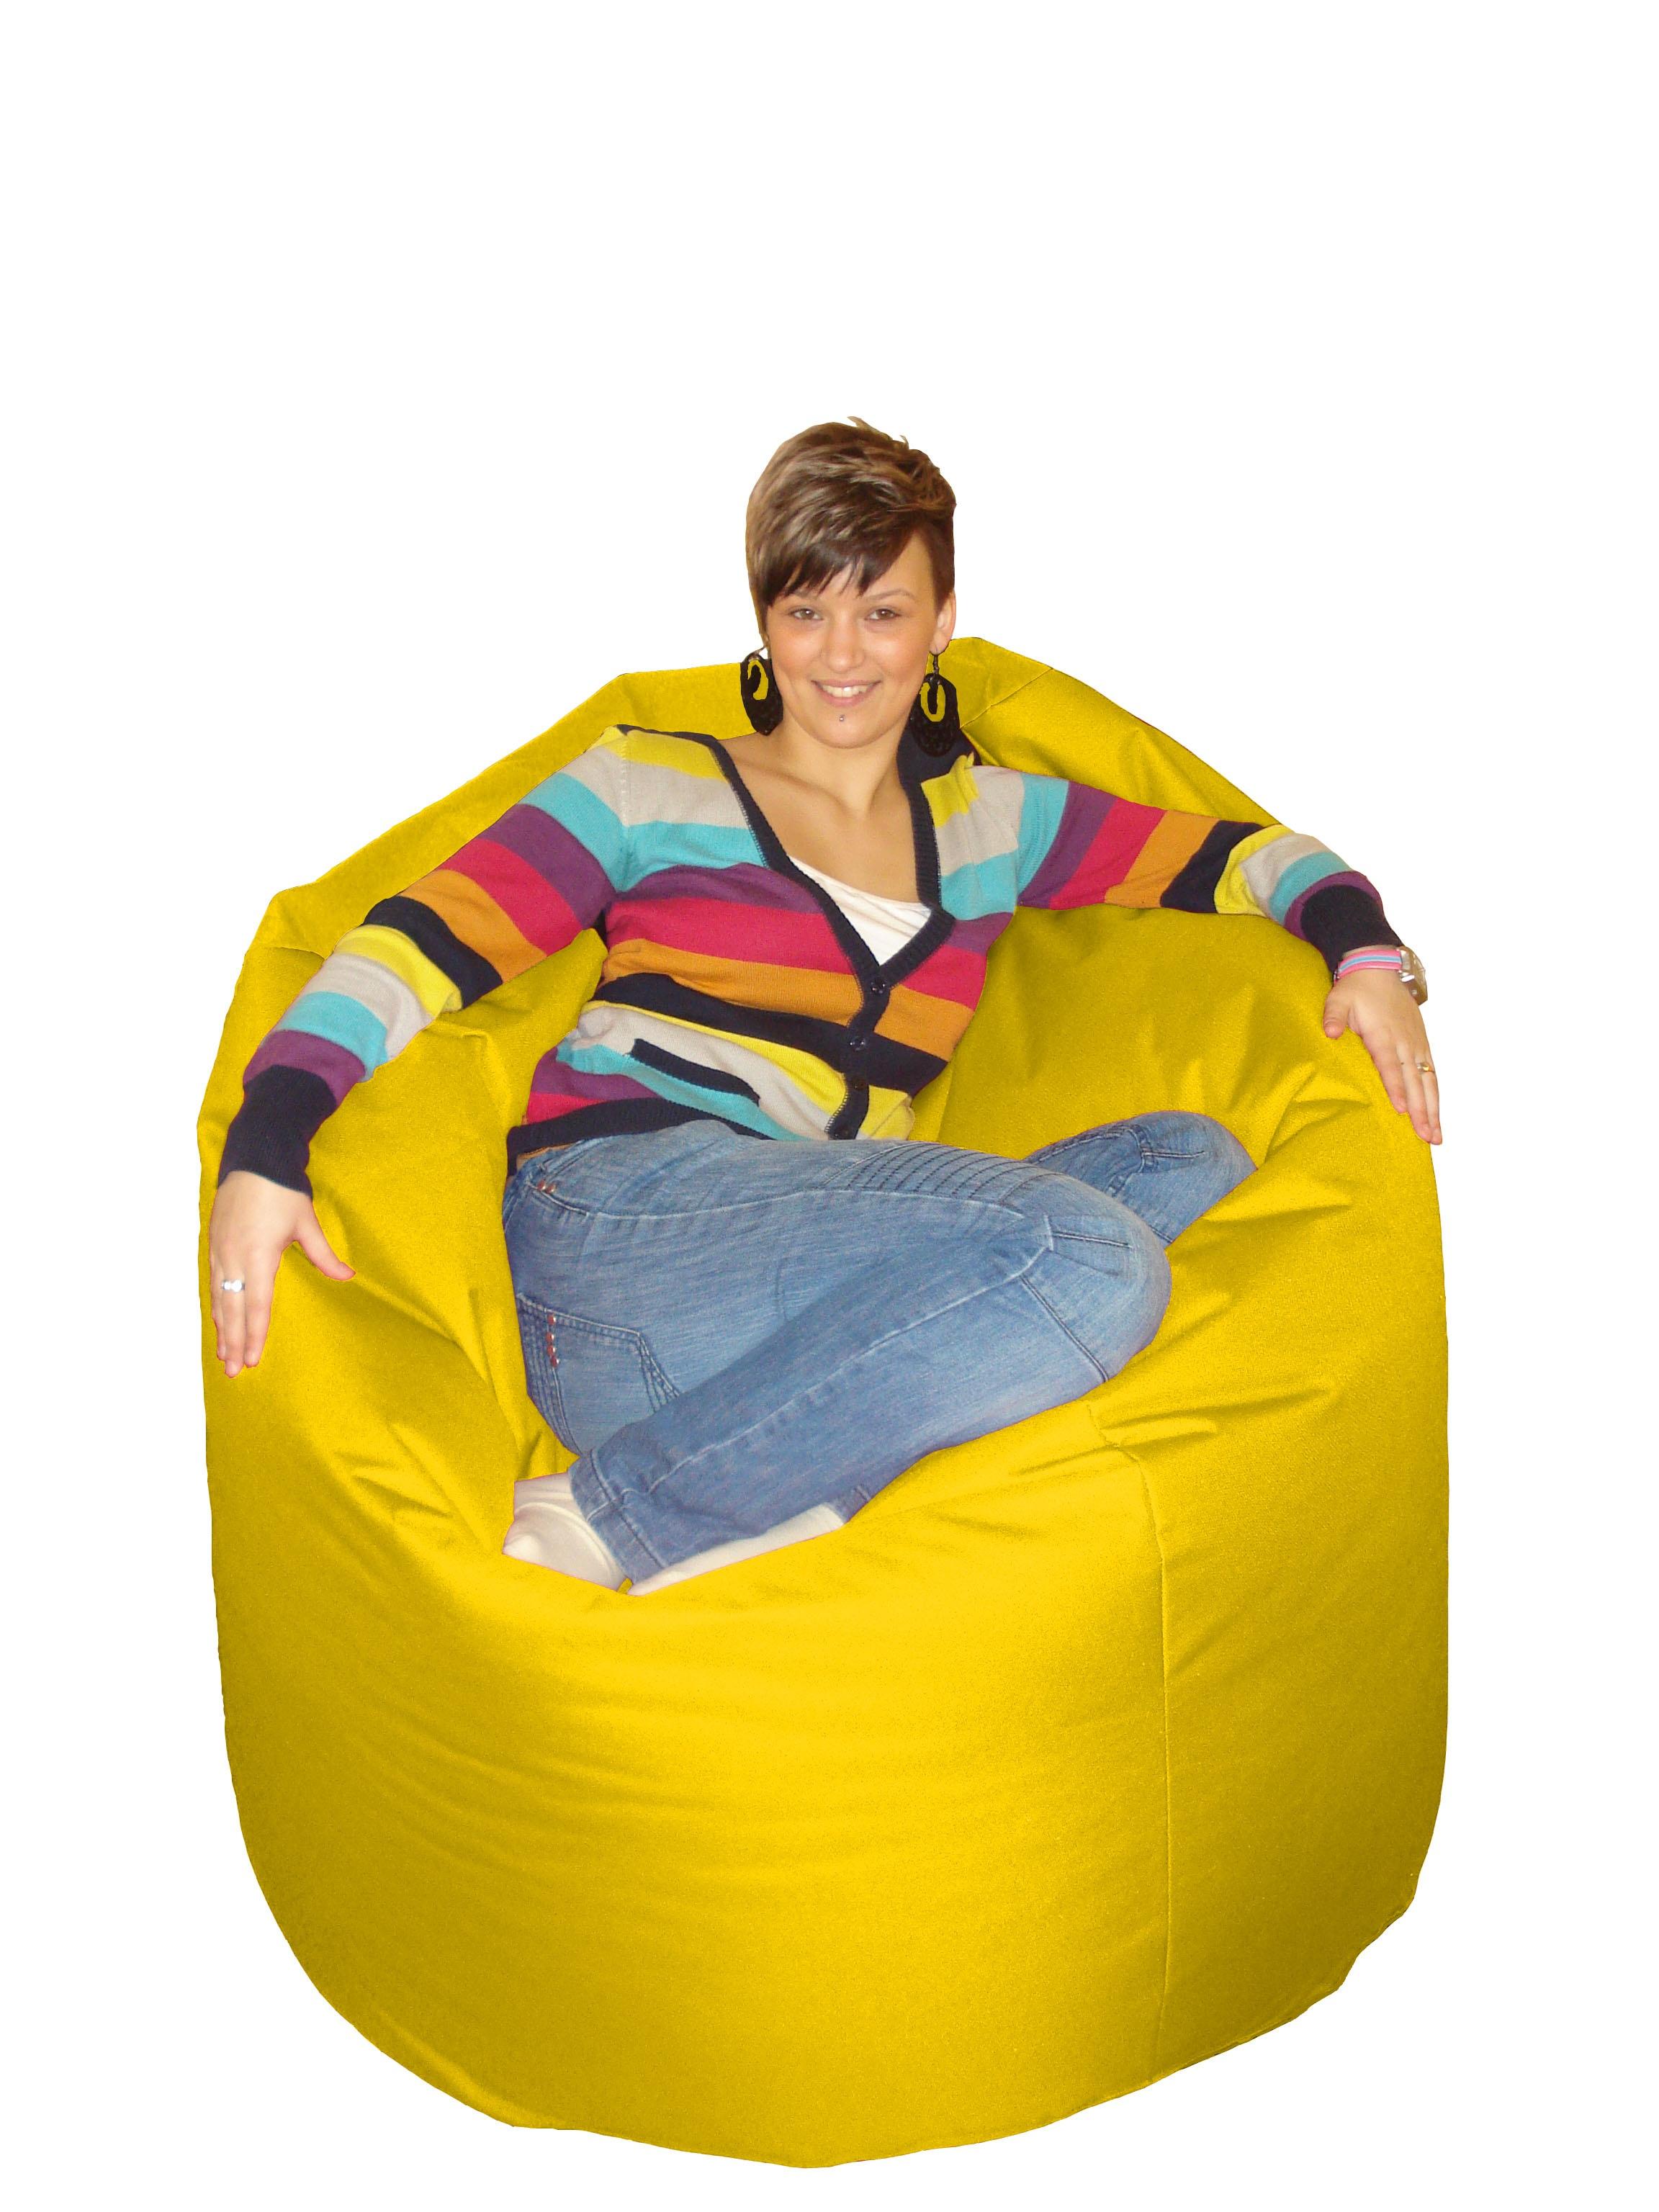 M&M sedací hruška 140X100cm Cool žlutá (žlutá 80021)